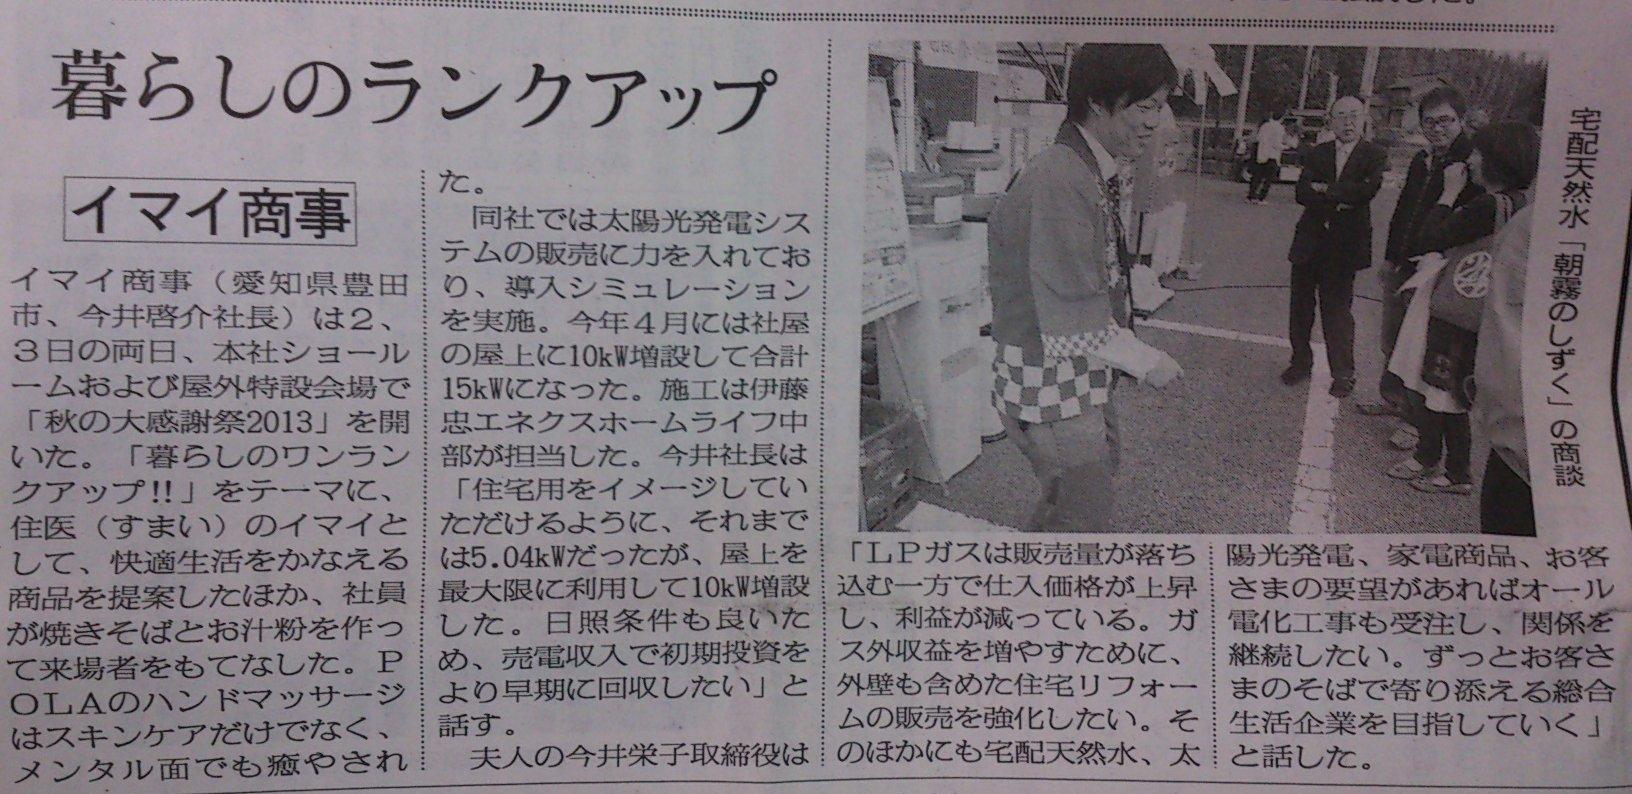 プロパン新聞に掲載されました☆_f0230767_10202343.jpg